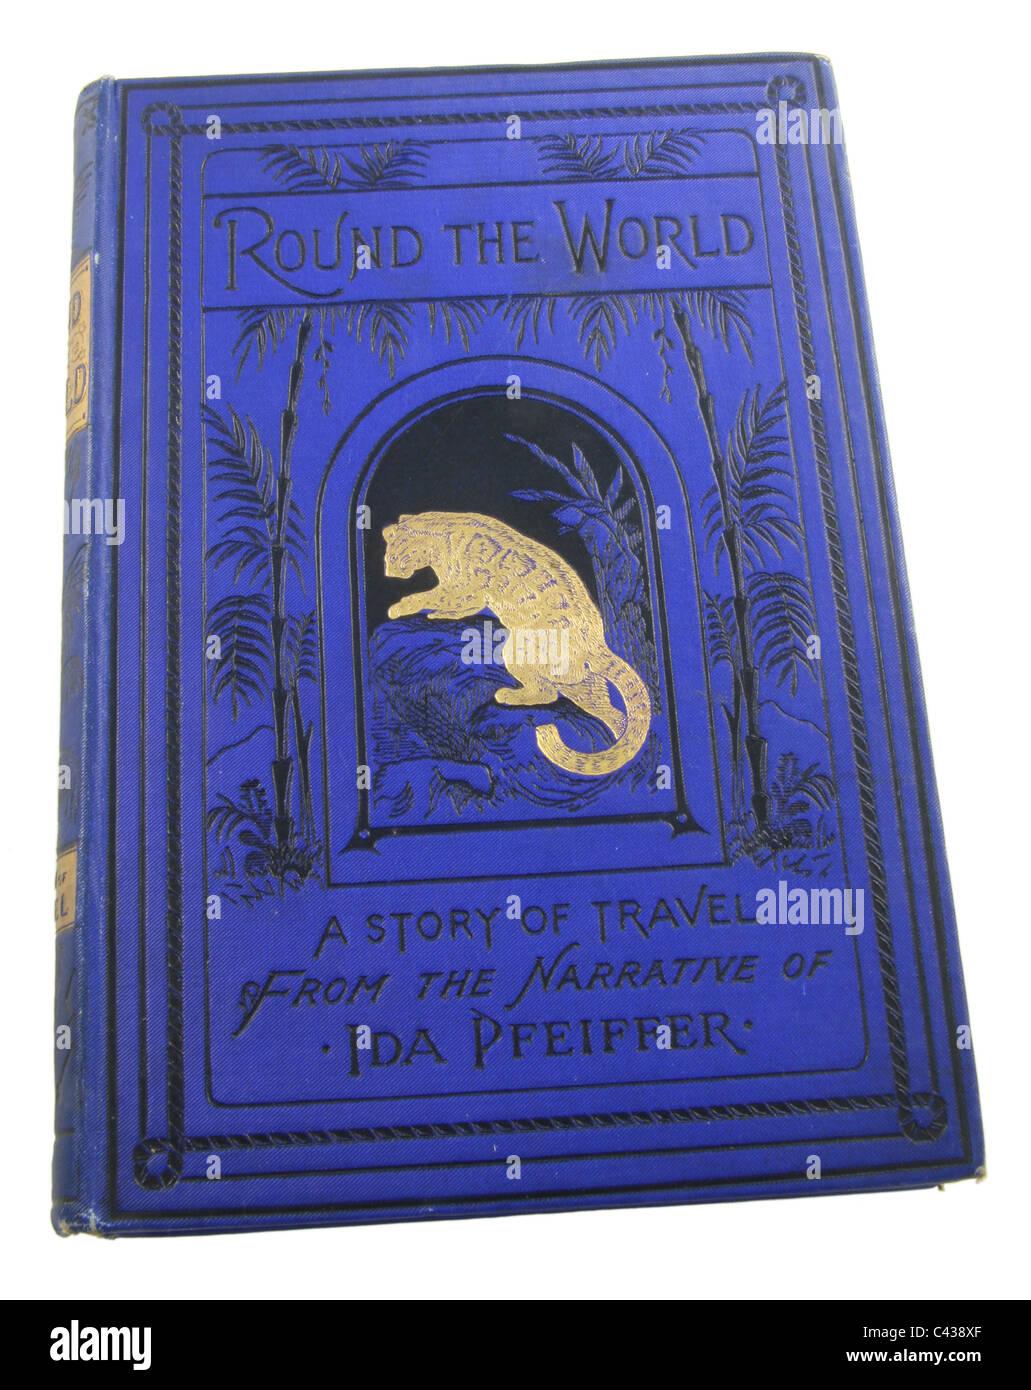 Il giro del mondo, una storia di corsa dal racconto di Ida Pfeiffer, pubblicato da D. Murray Smith, 1898. Immagini Stock